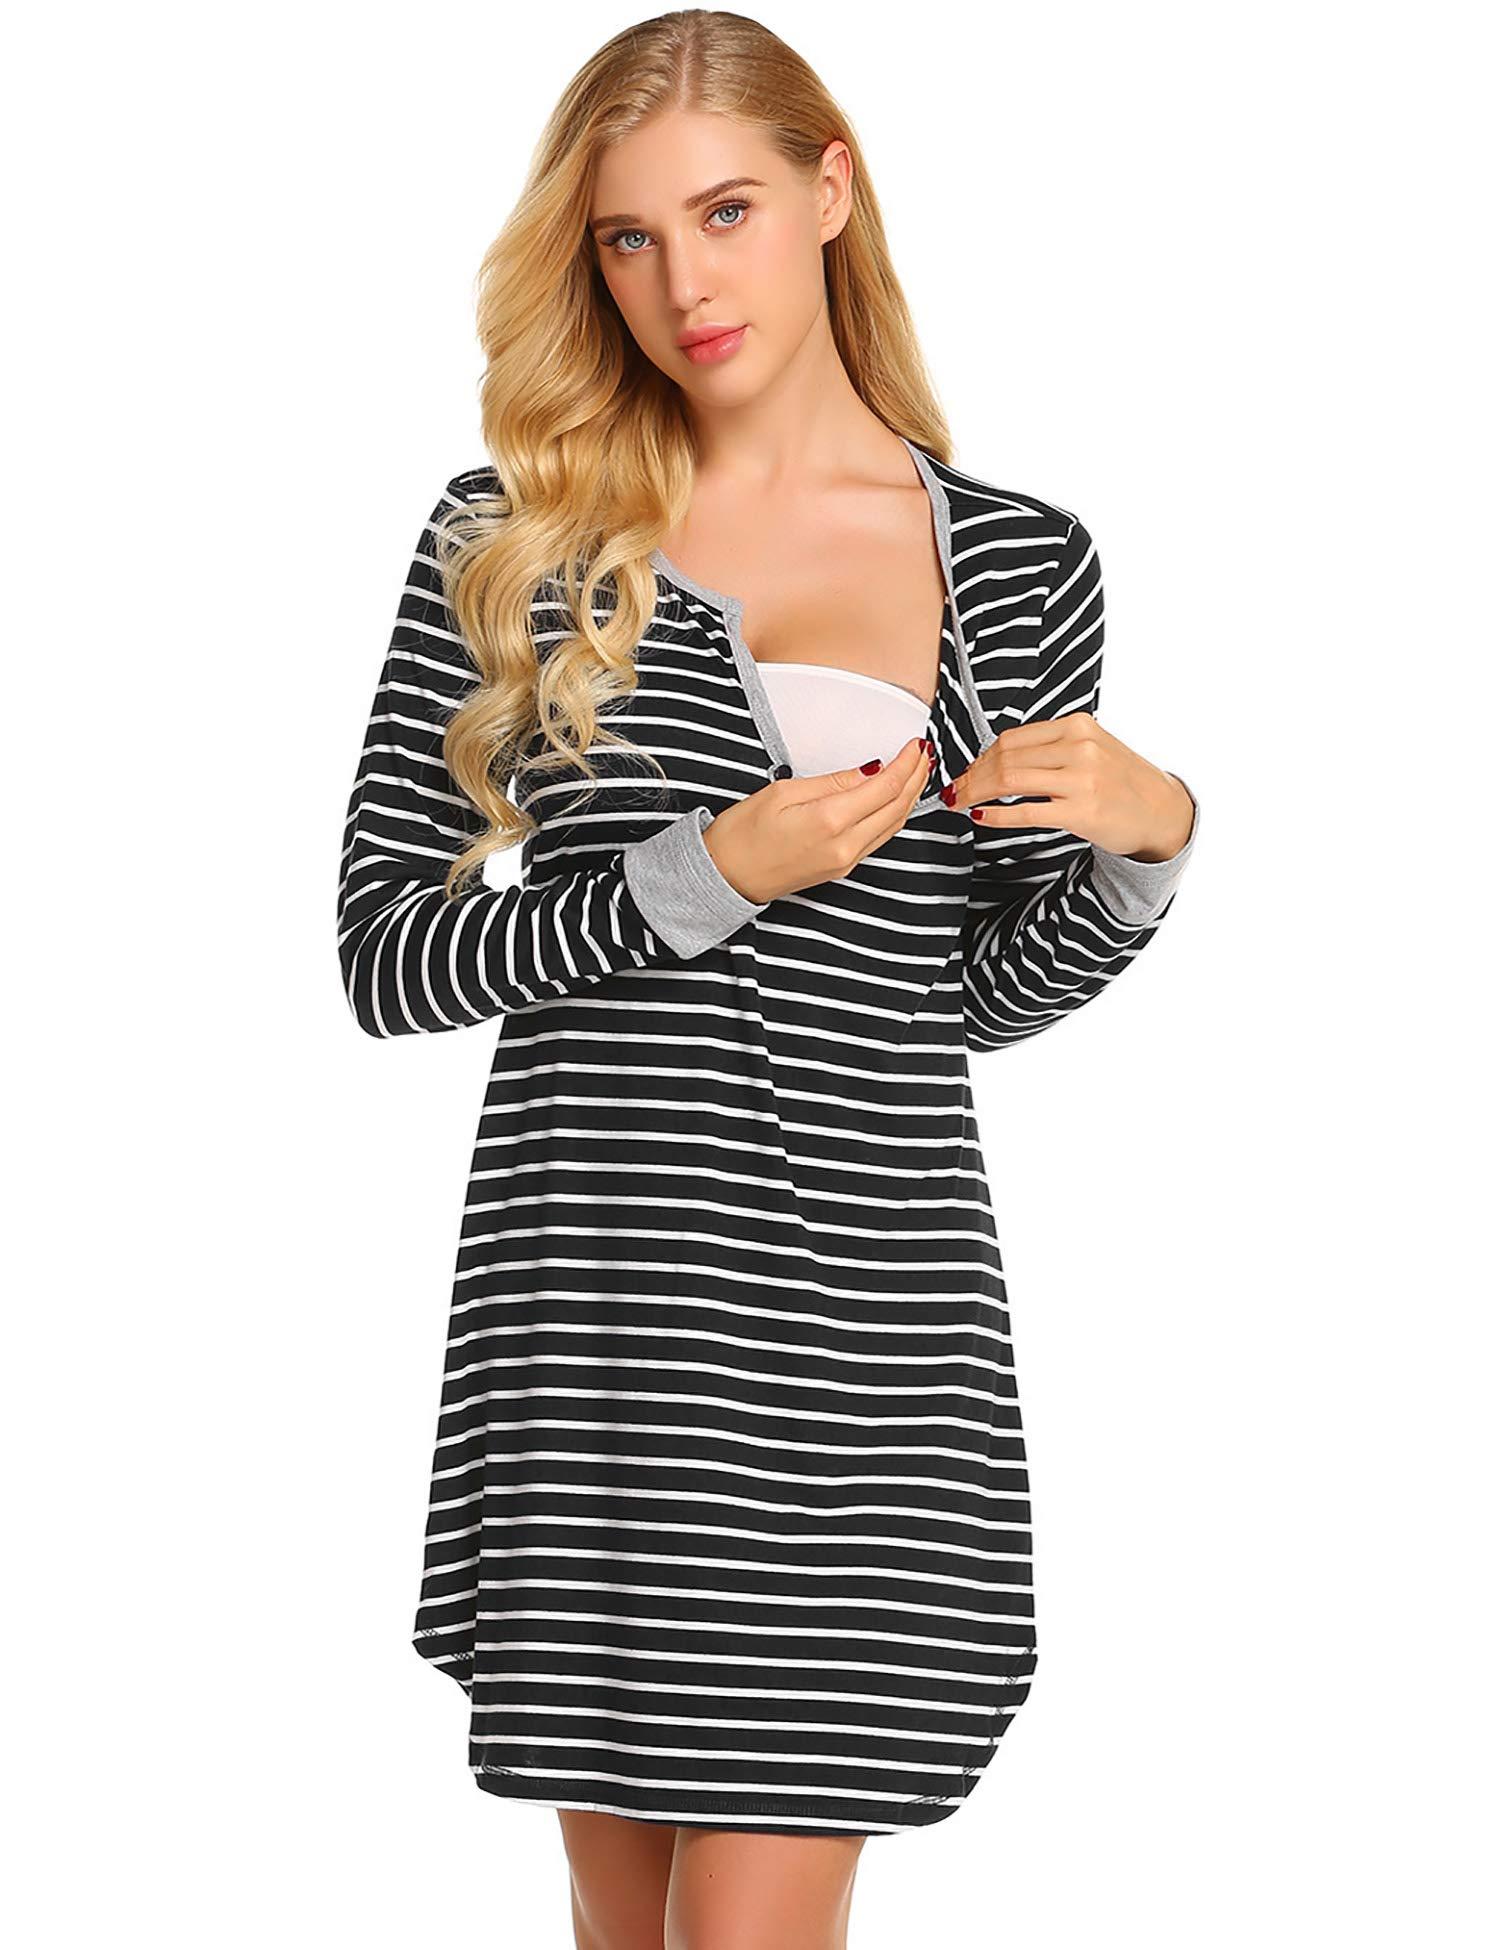 Ekouaer Women's Long Sleeve Nursing Dress Striped Maternity Dress Breastfeeding S-XXL by Ekouaer